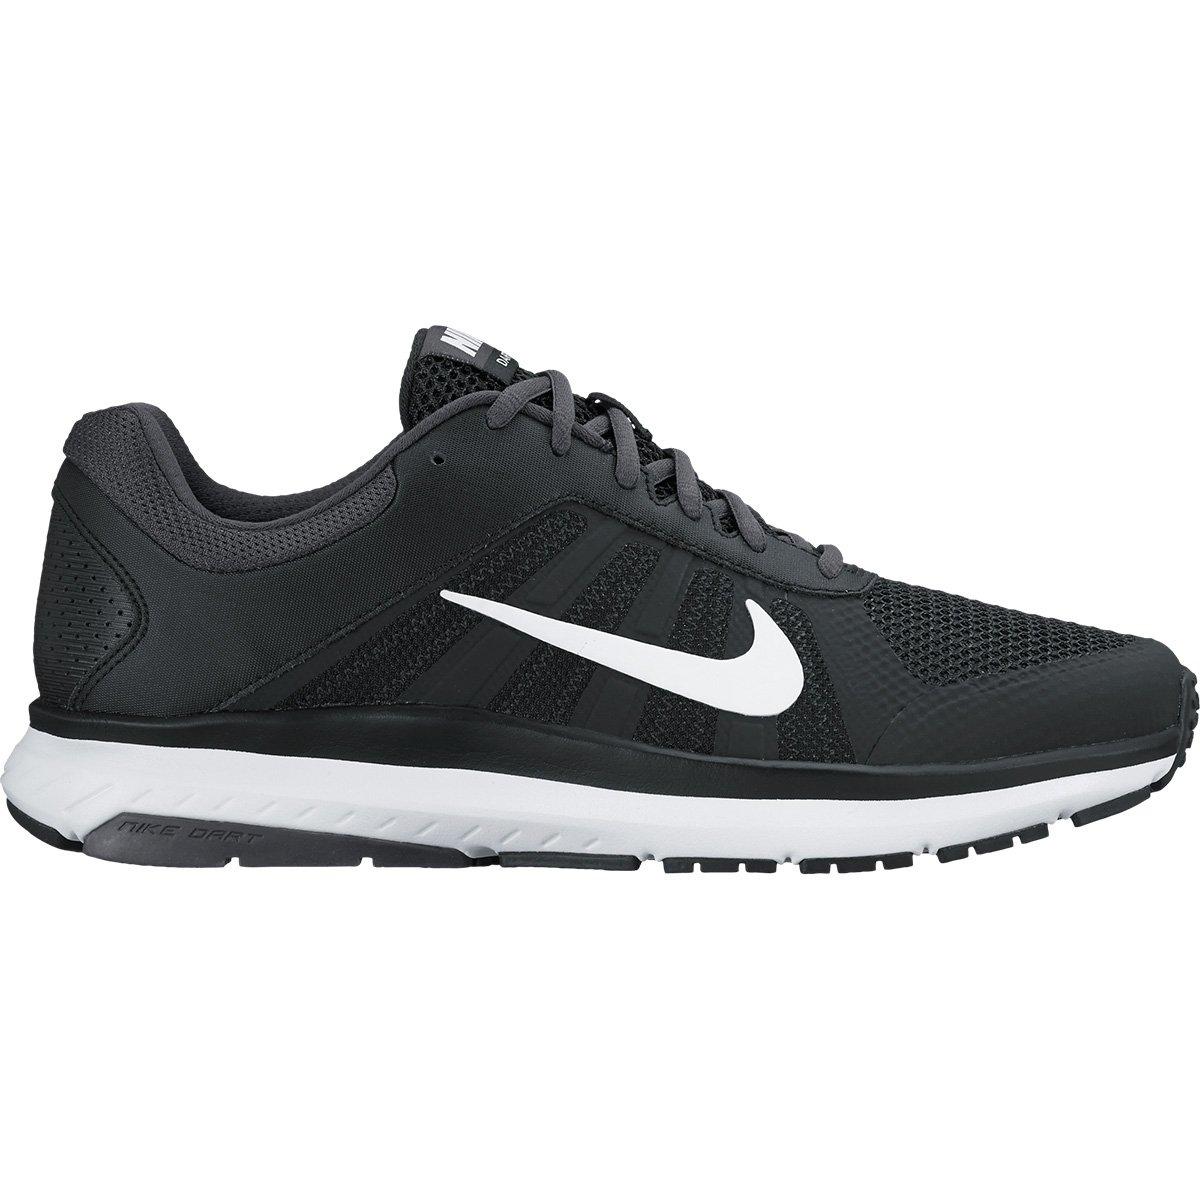 Nike - Calçados e Roupas - Loja Nike  31b028ab9cc27